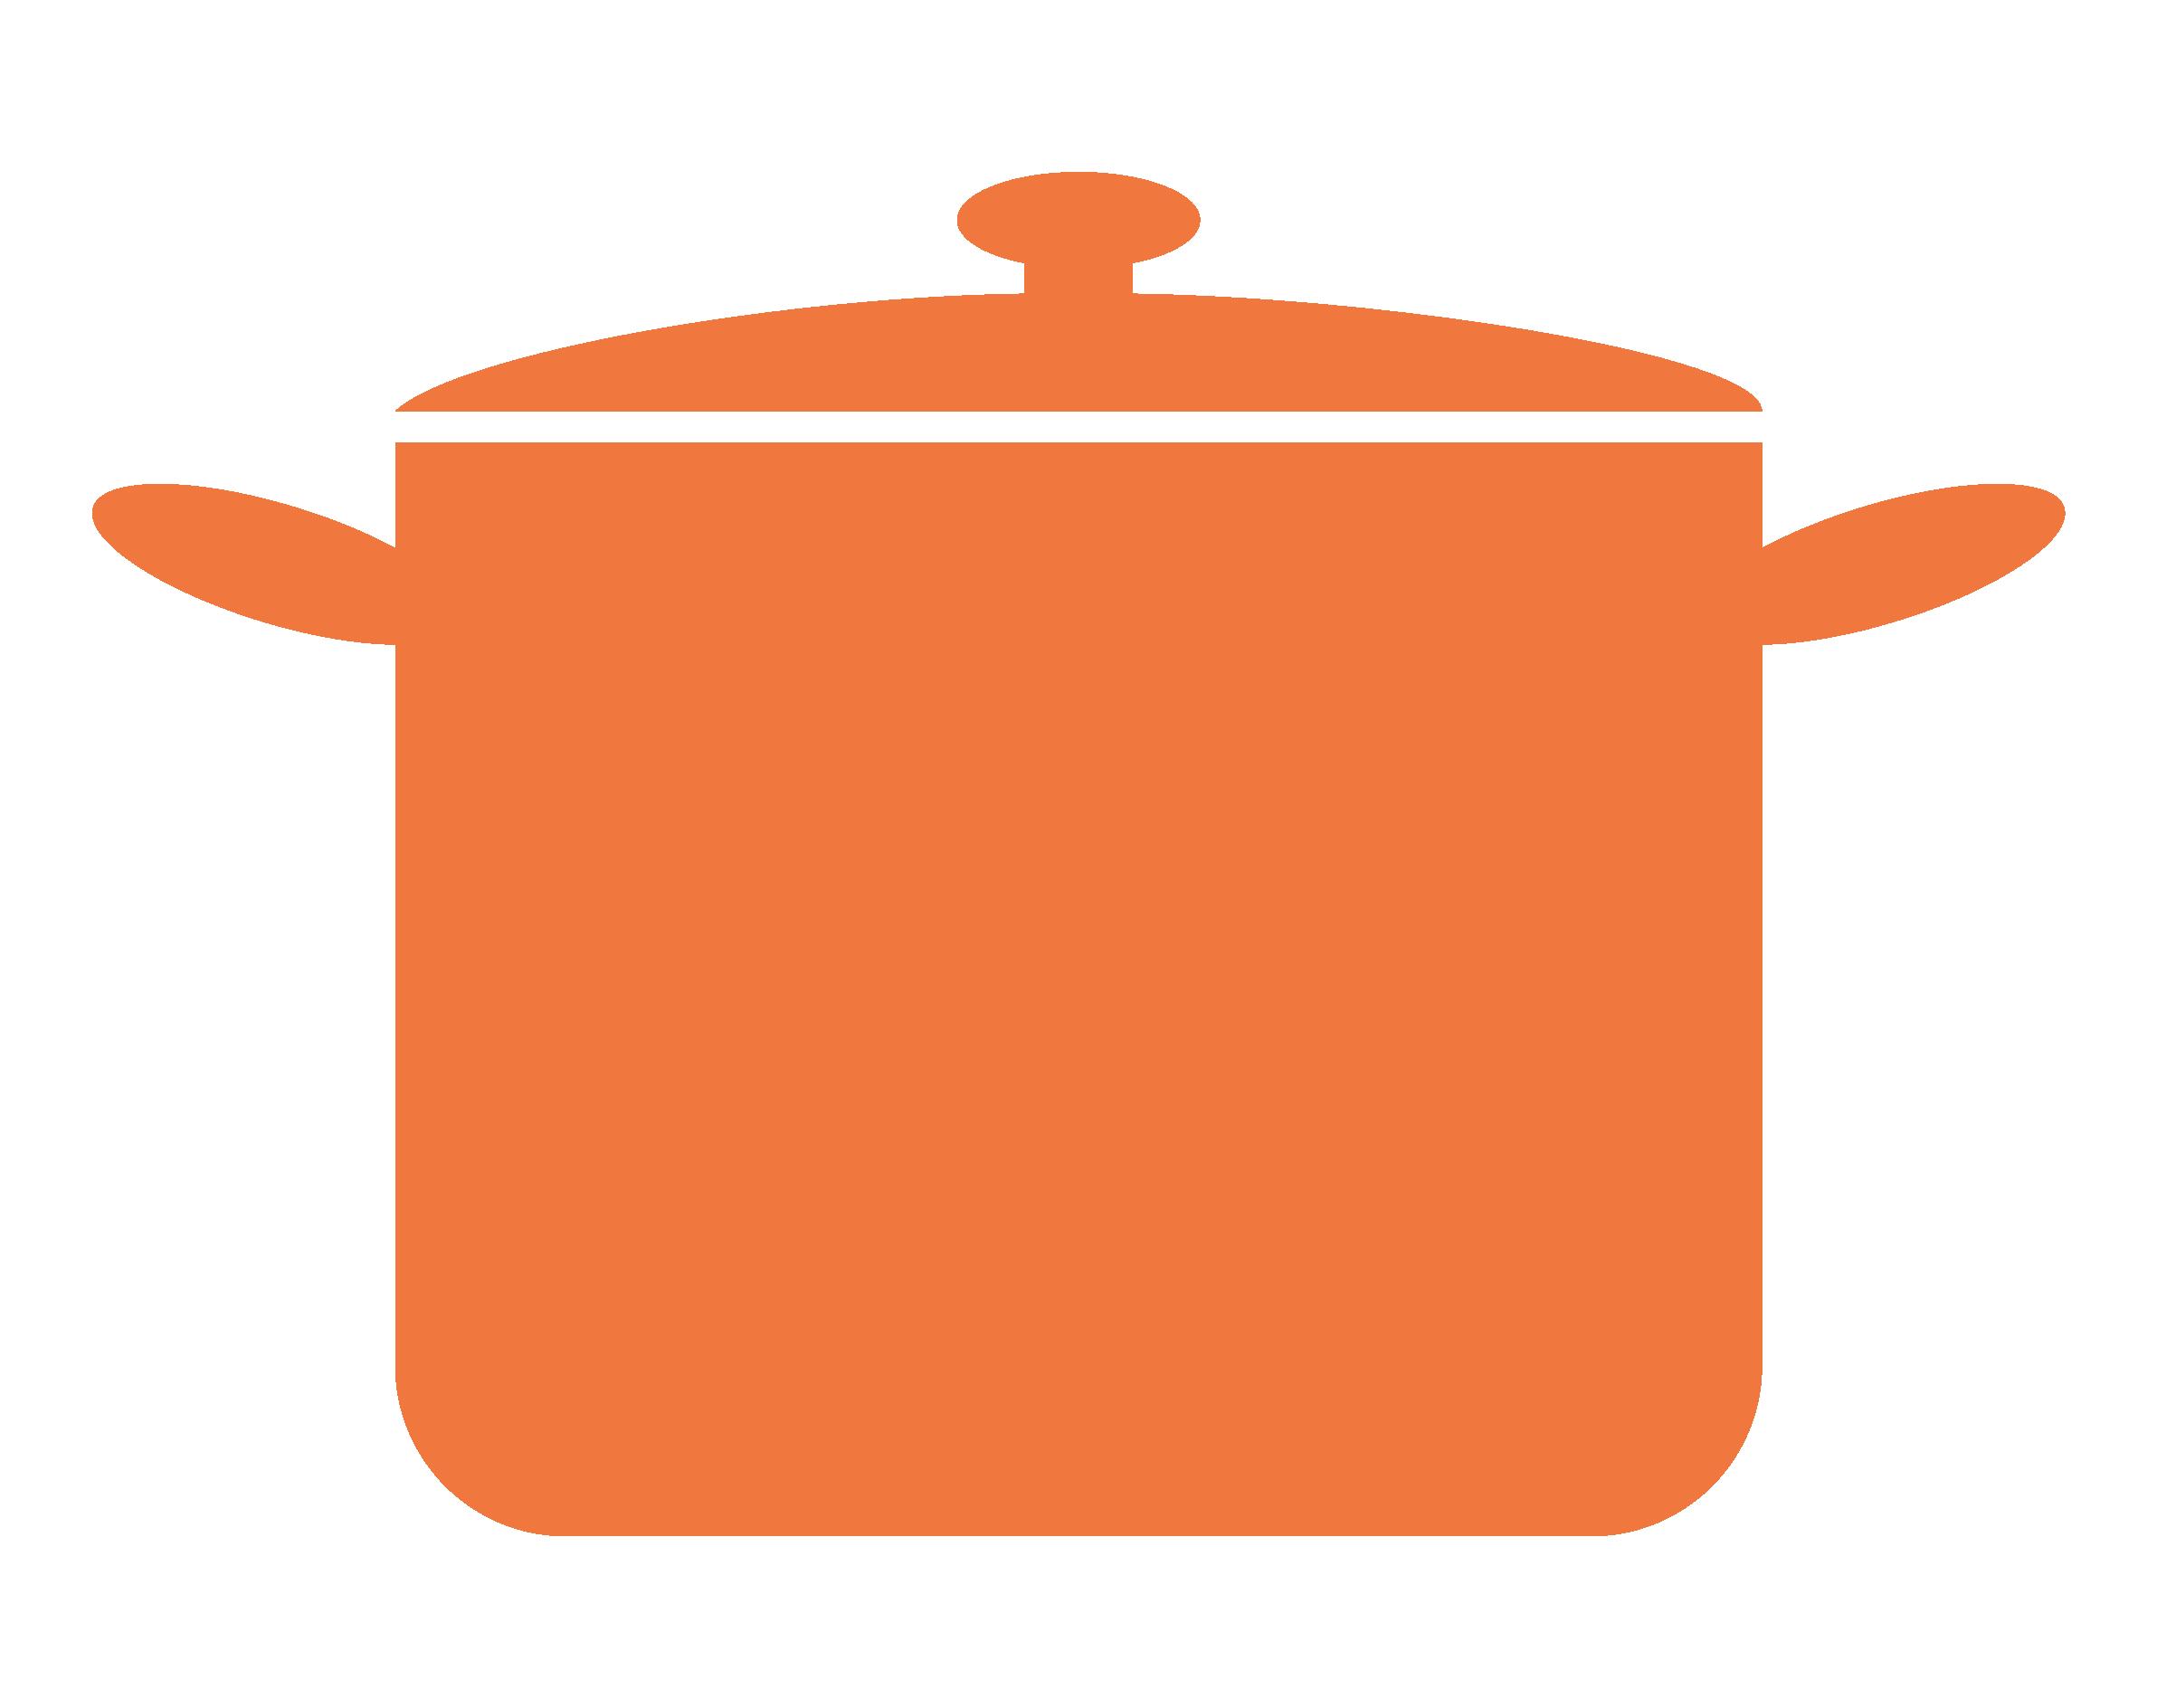 Crockpot clipart